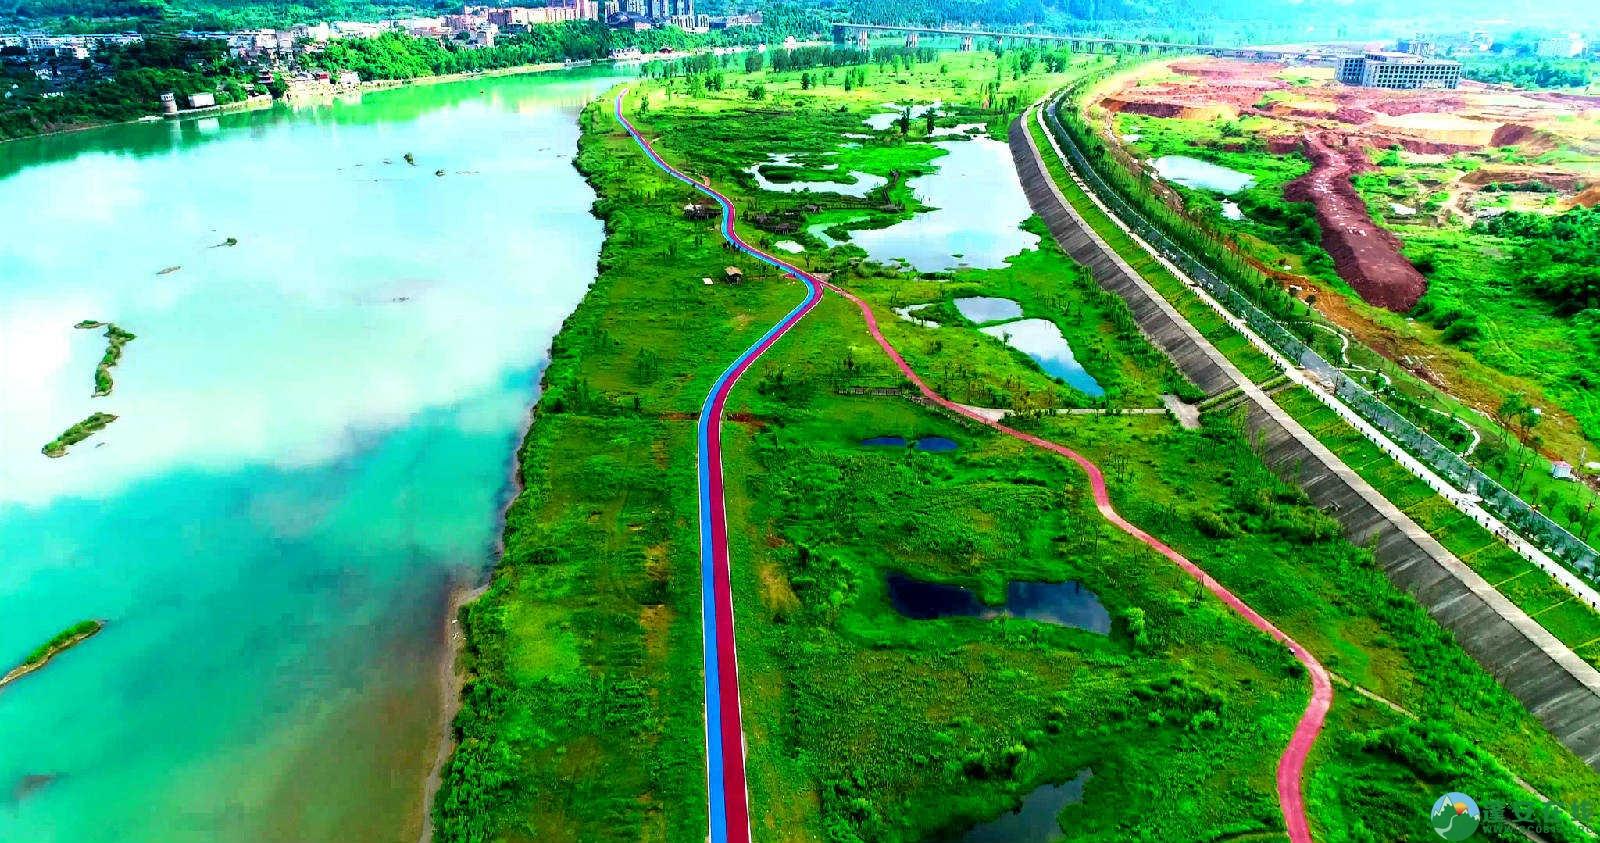 蓬安锦屏湿地公园双色跑道 - 第4张  | 蓬安在线